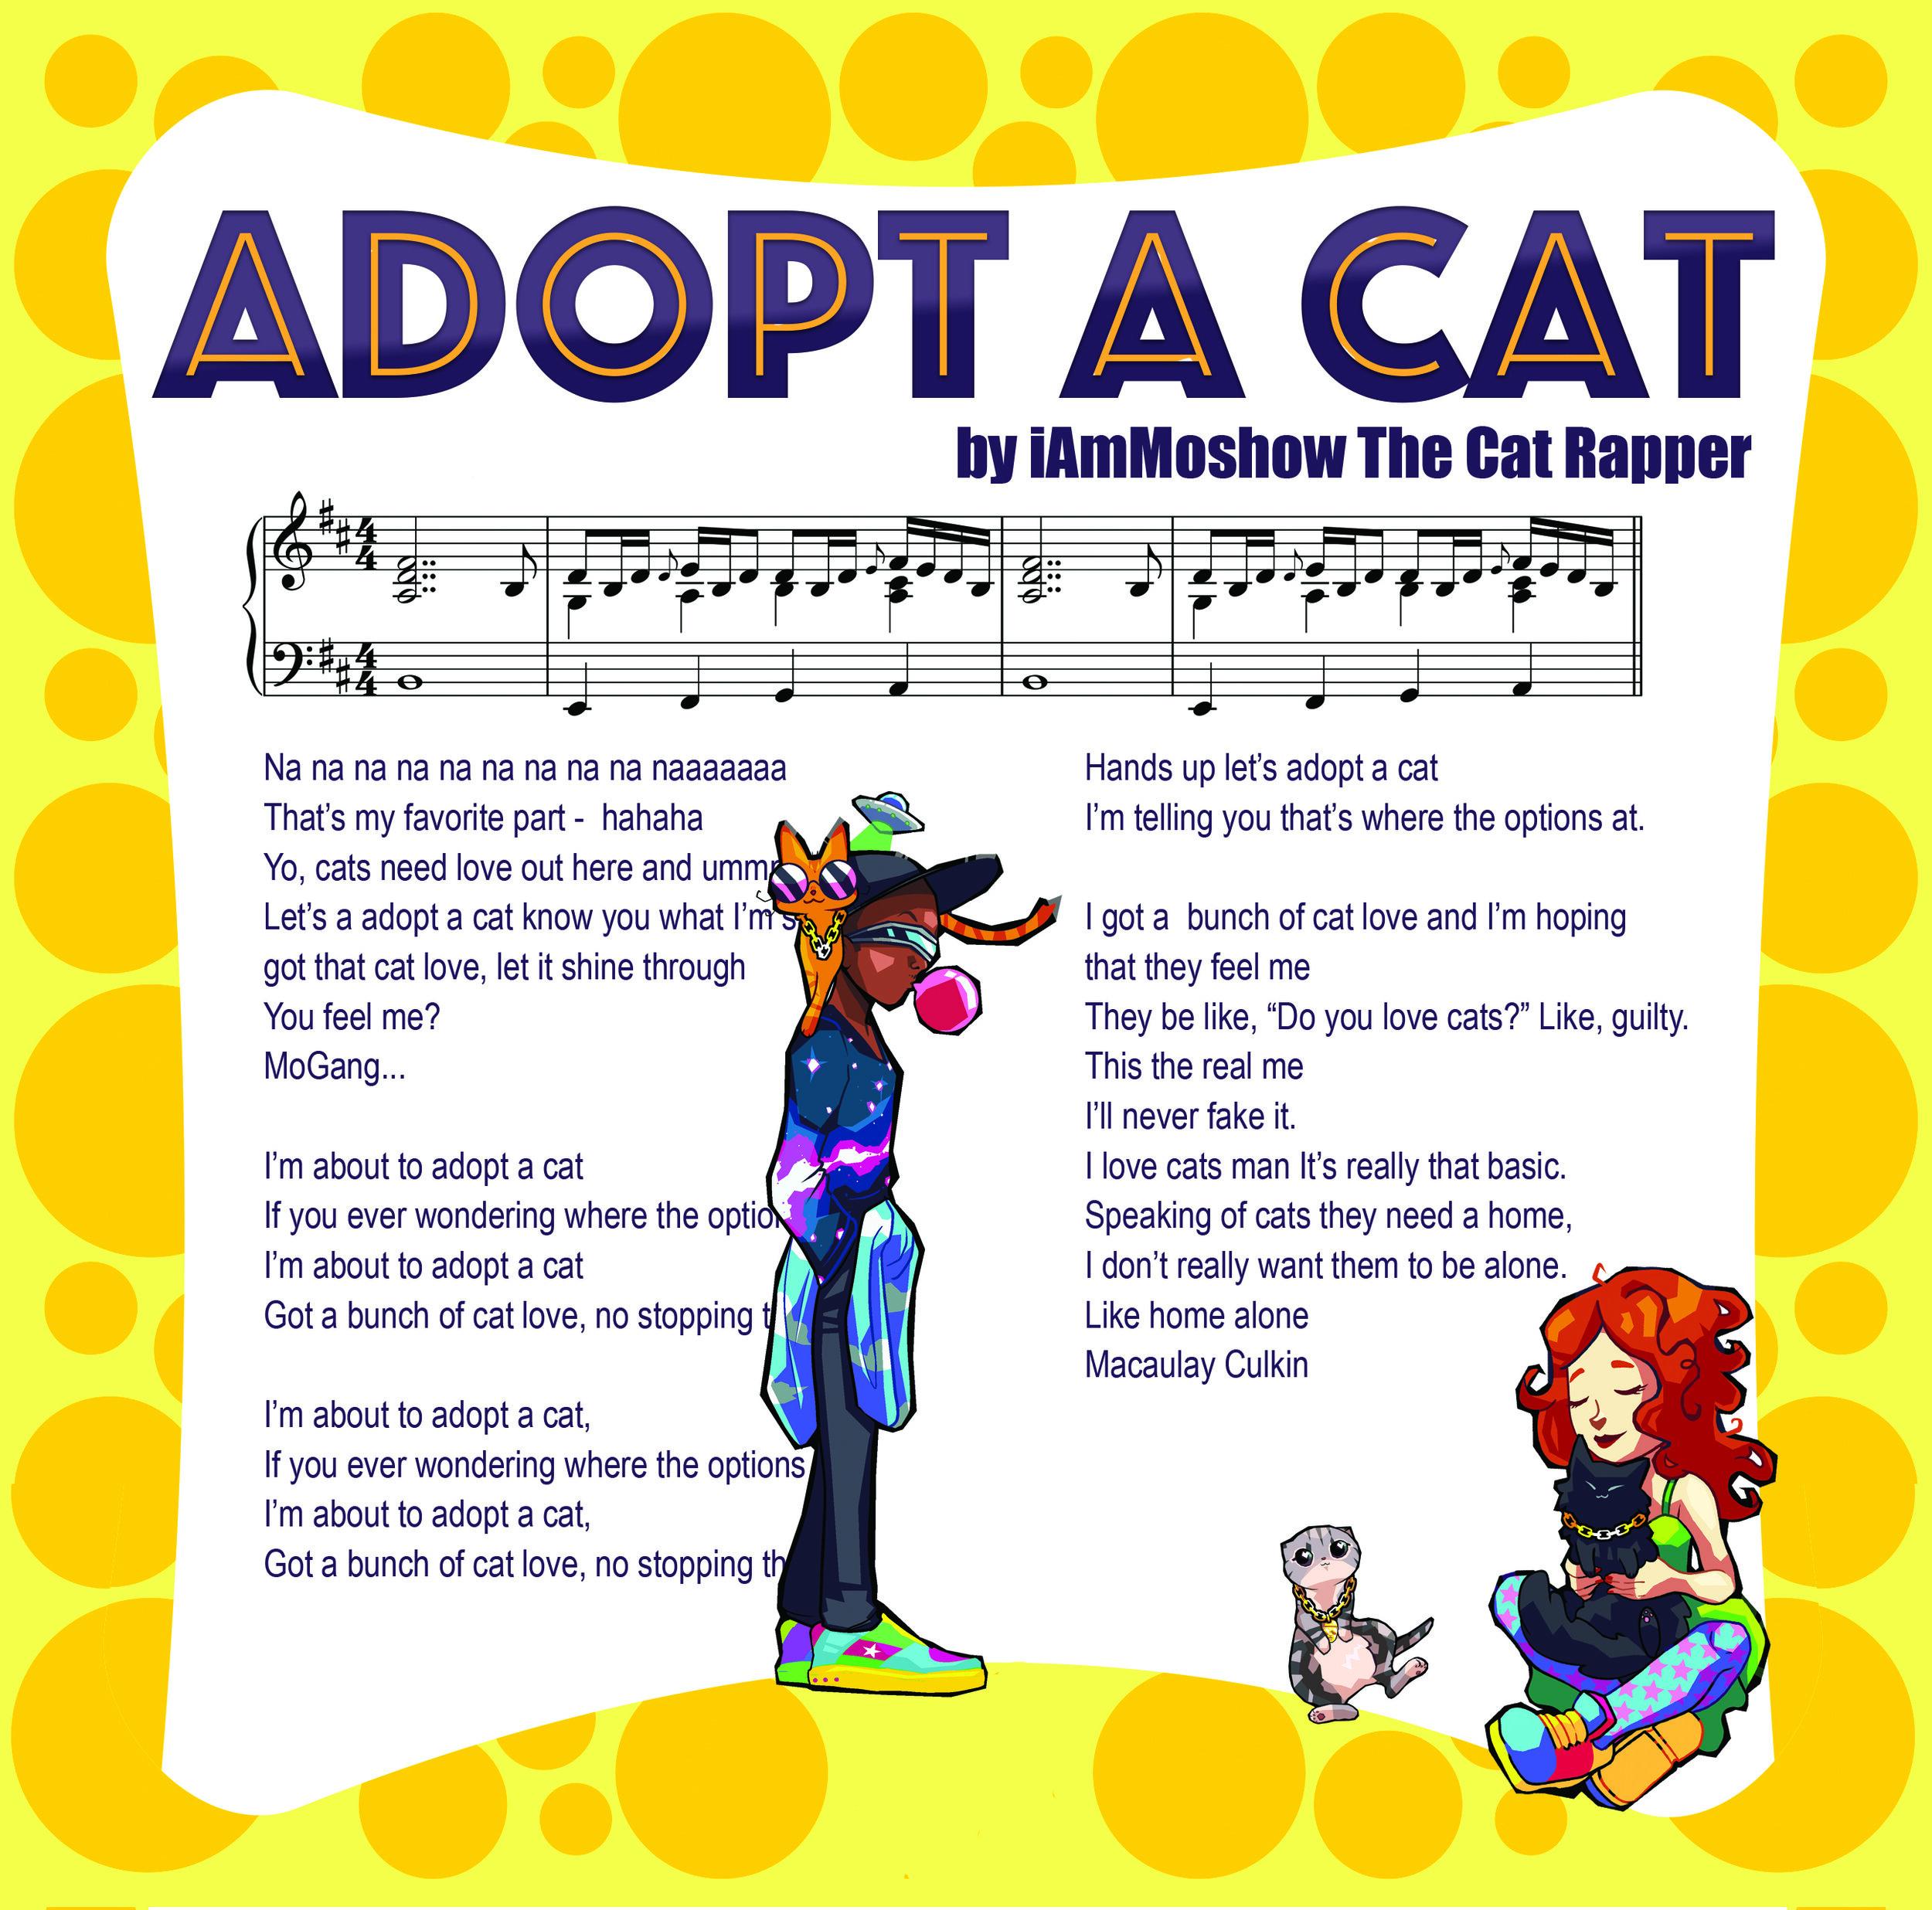 adoptacat-blogpost.jpg